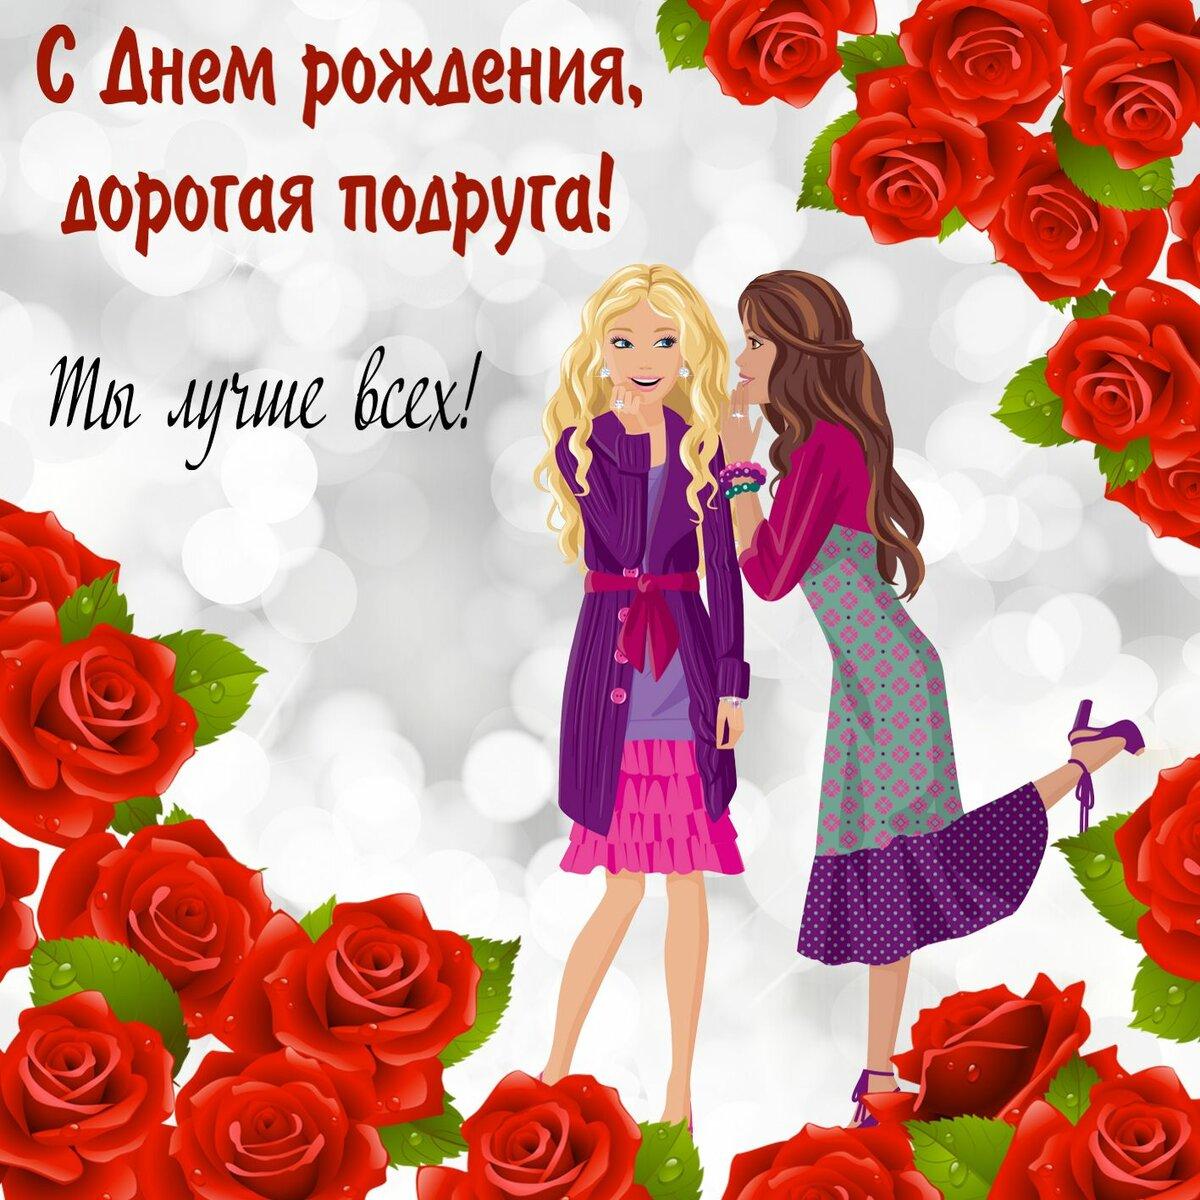 Поздравления с днем рождения аодруге